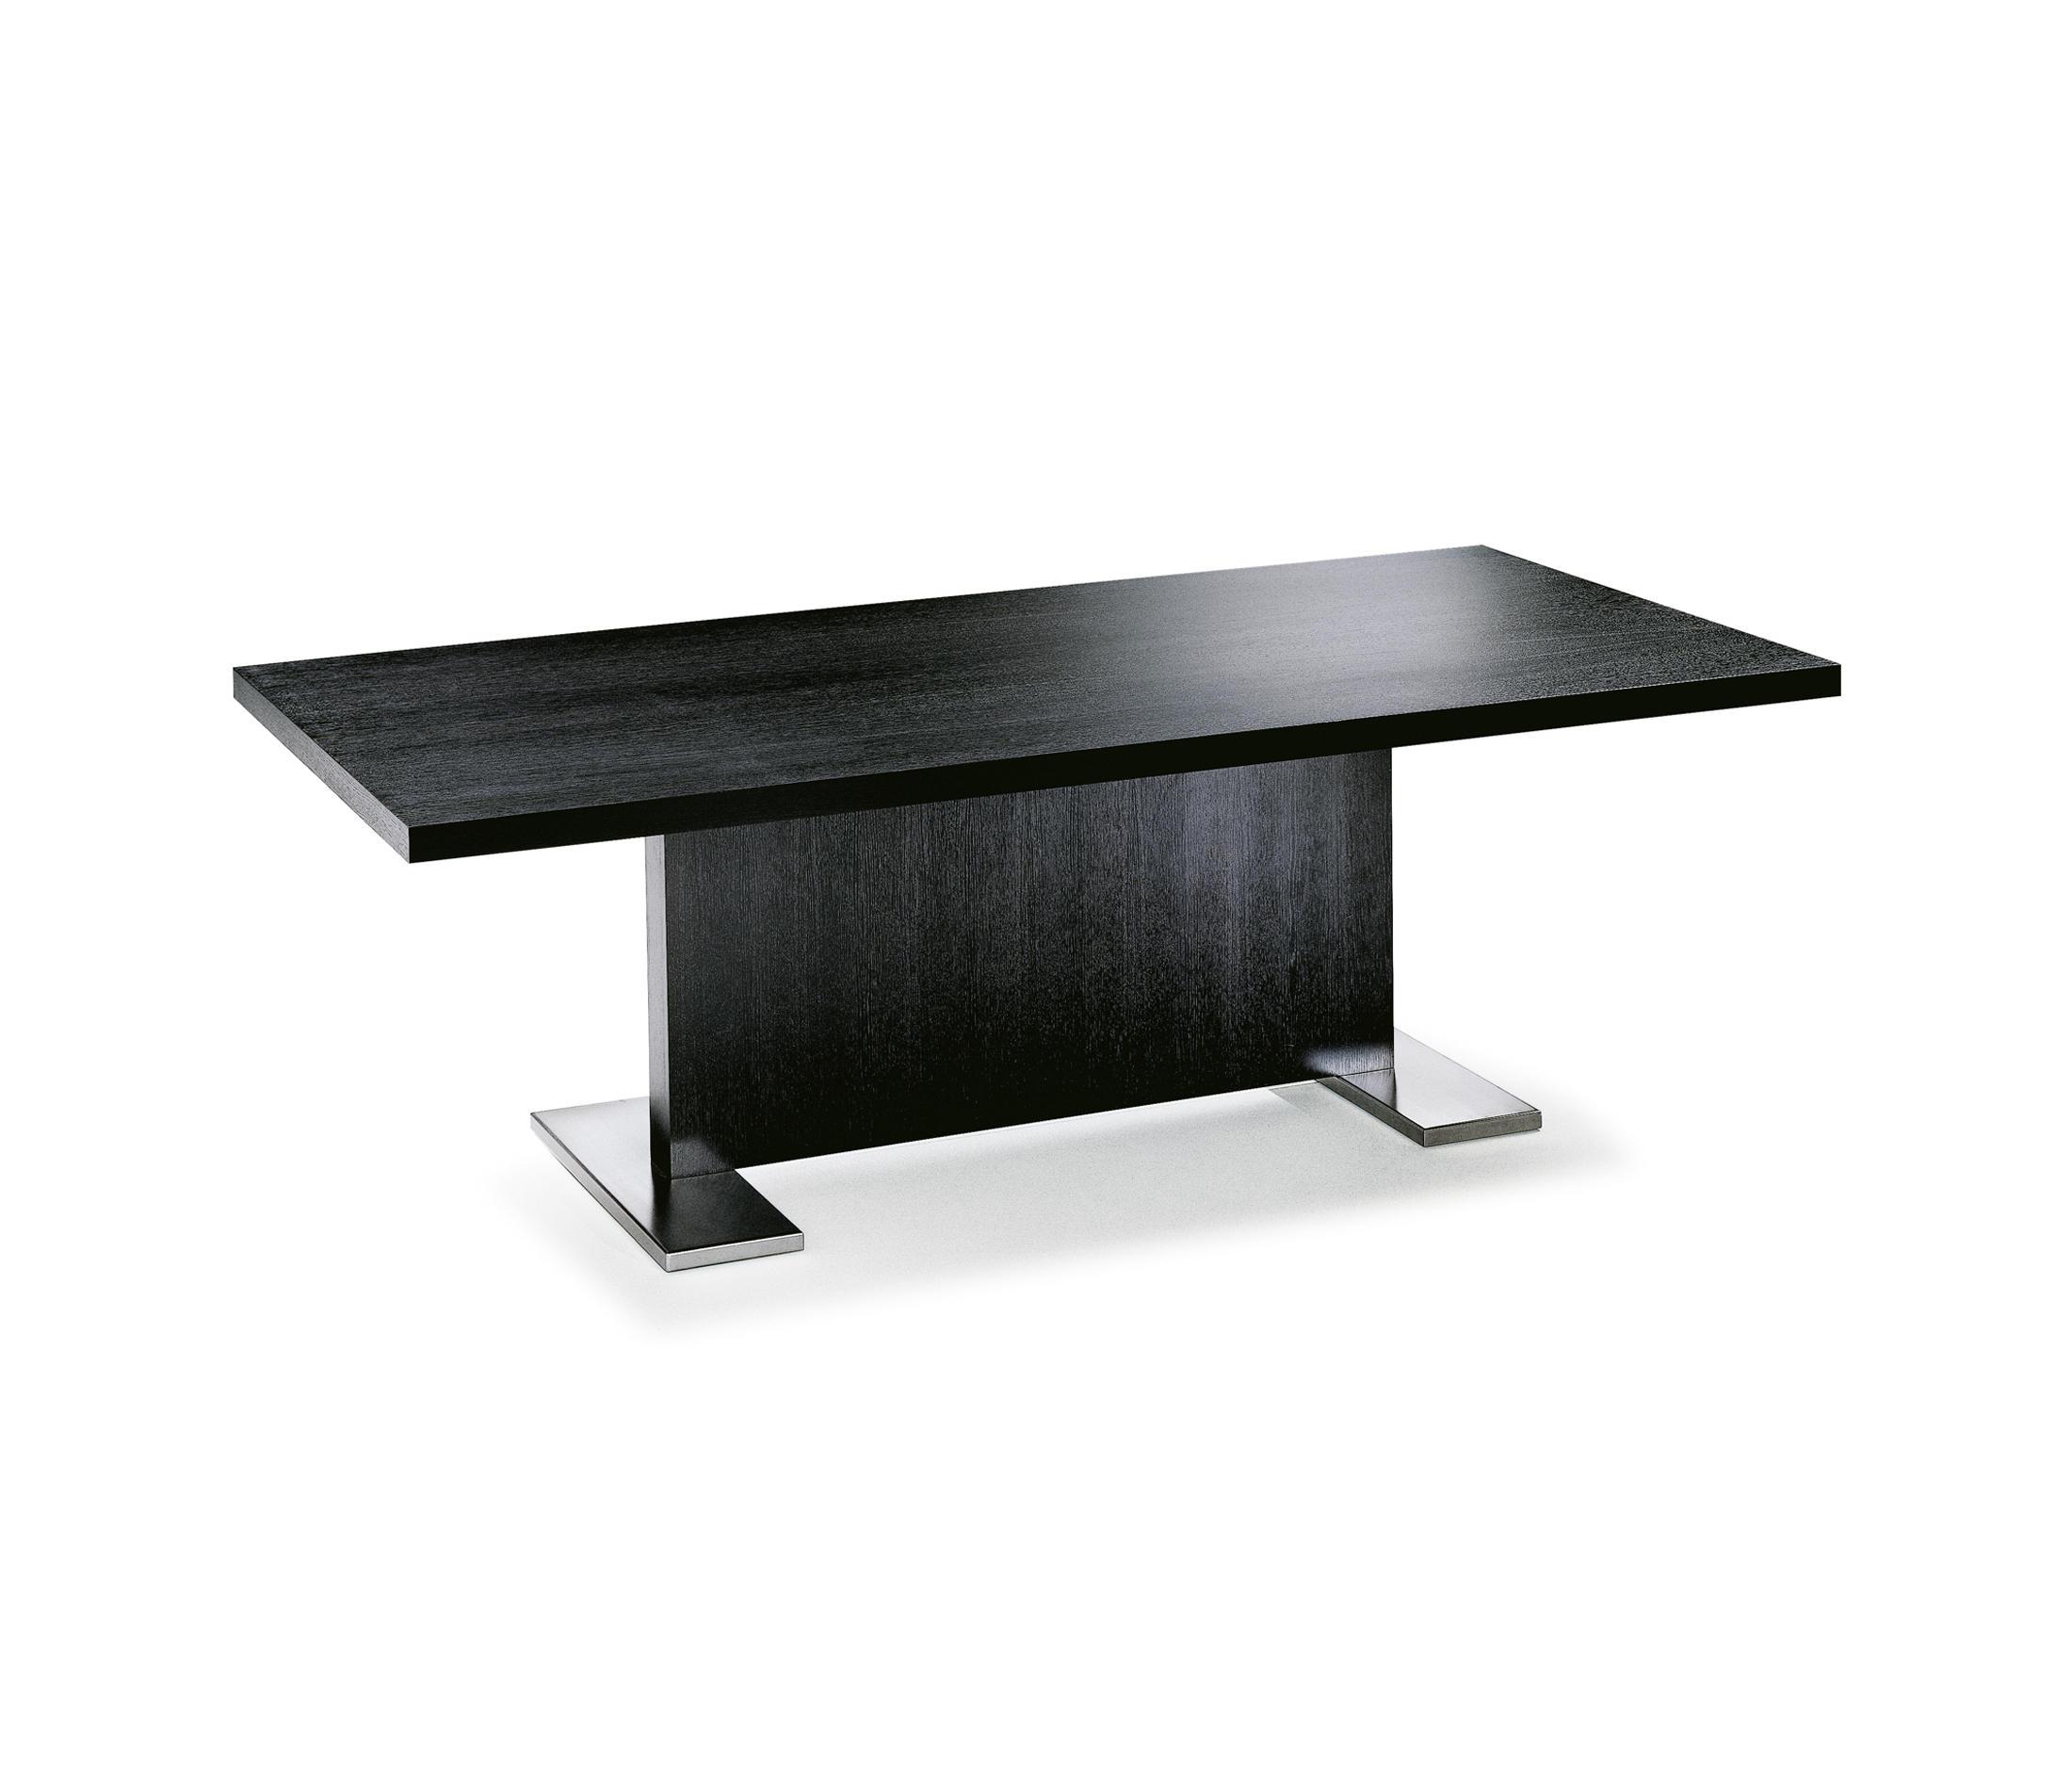 Matrix Tisch Esstische Von Wittmann Architonic